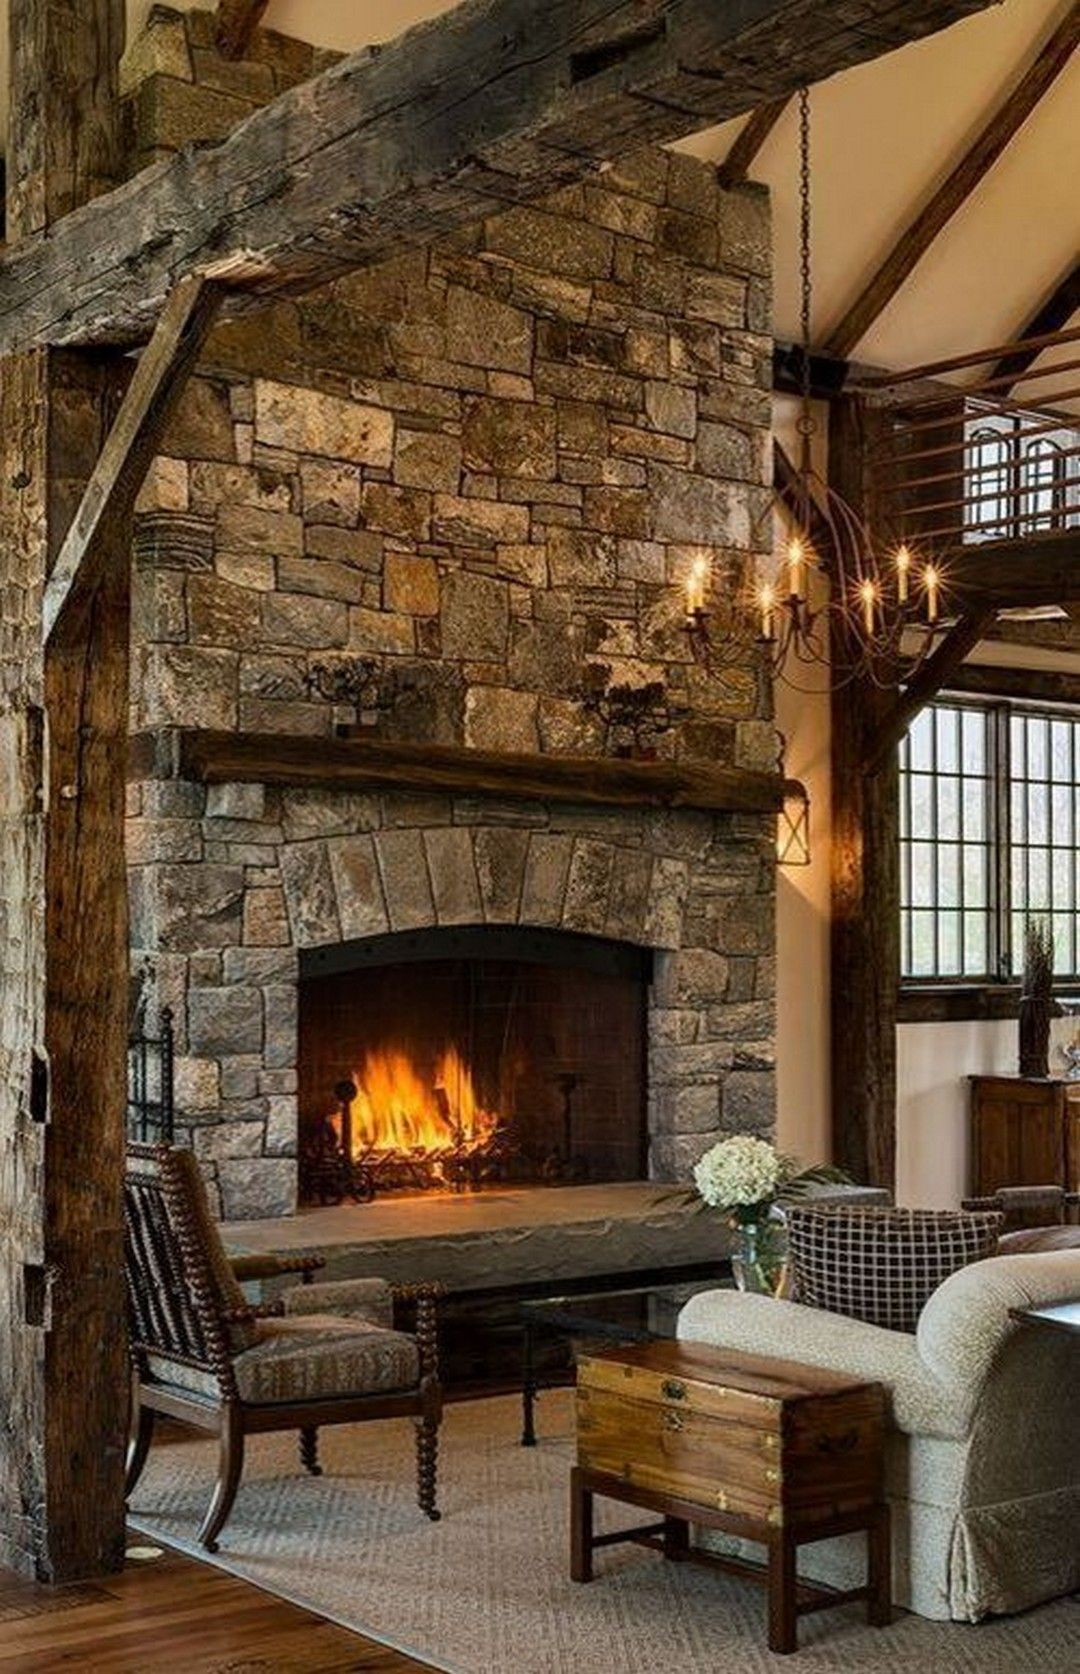 10 Gorgeous Stone Farmhouse Kamin Ideen zur Verbesserung in Ihrem Haus